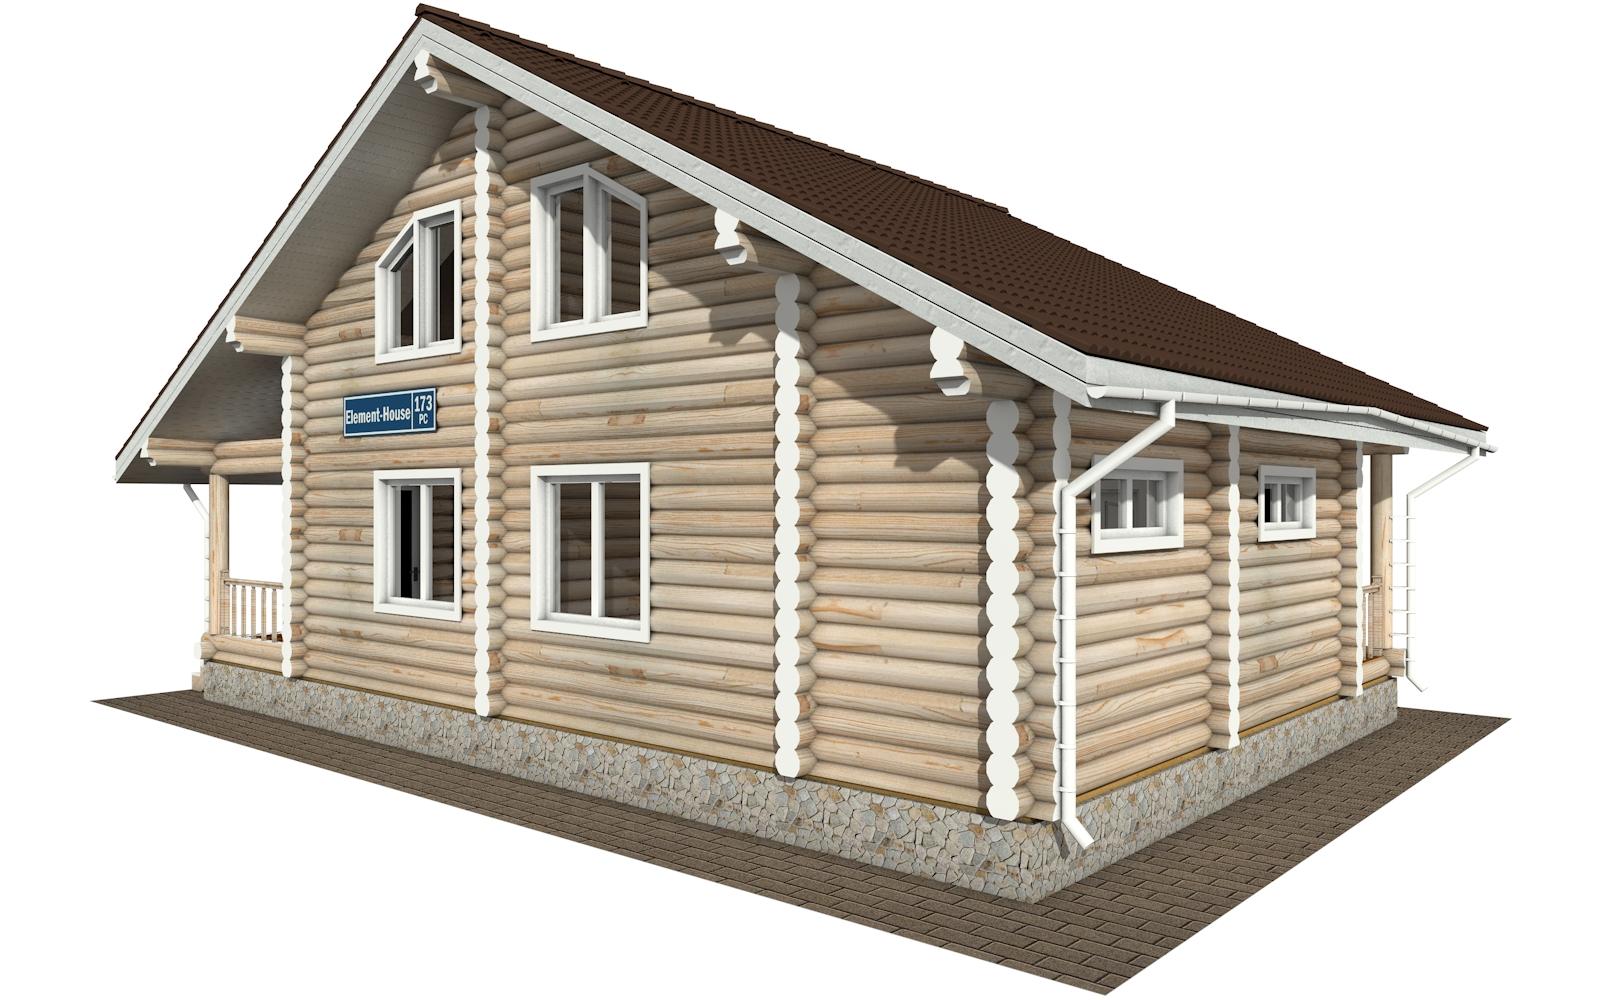 РС-173 - деревянный дома из бревна (из сруба)